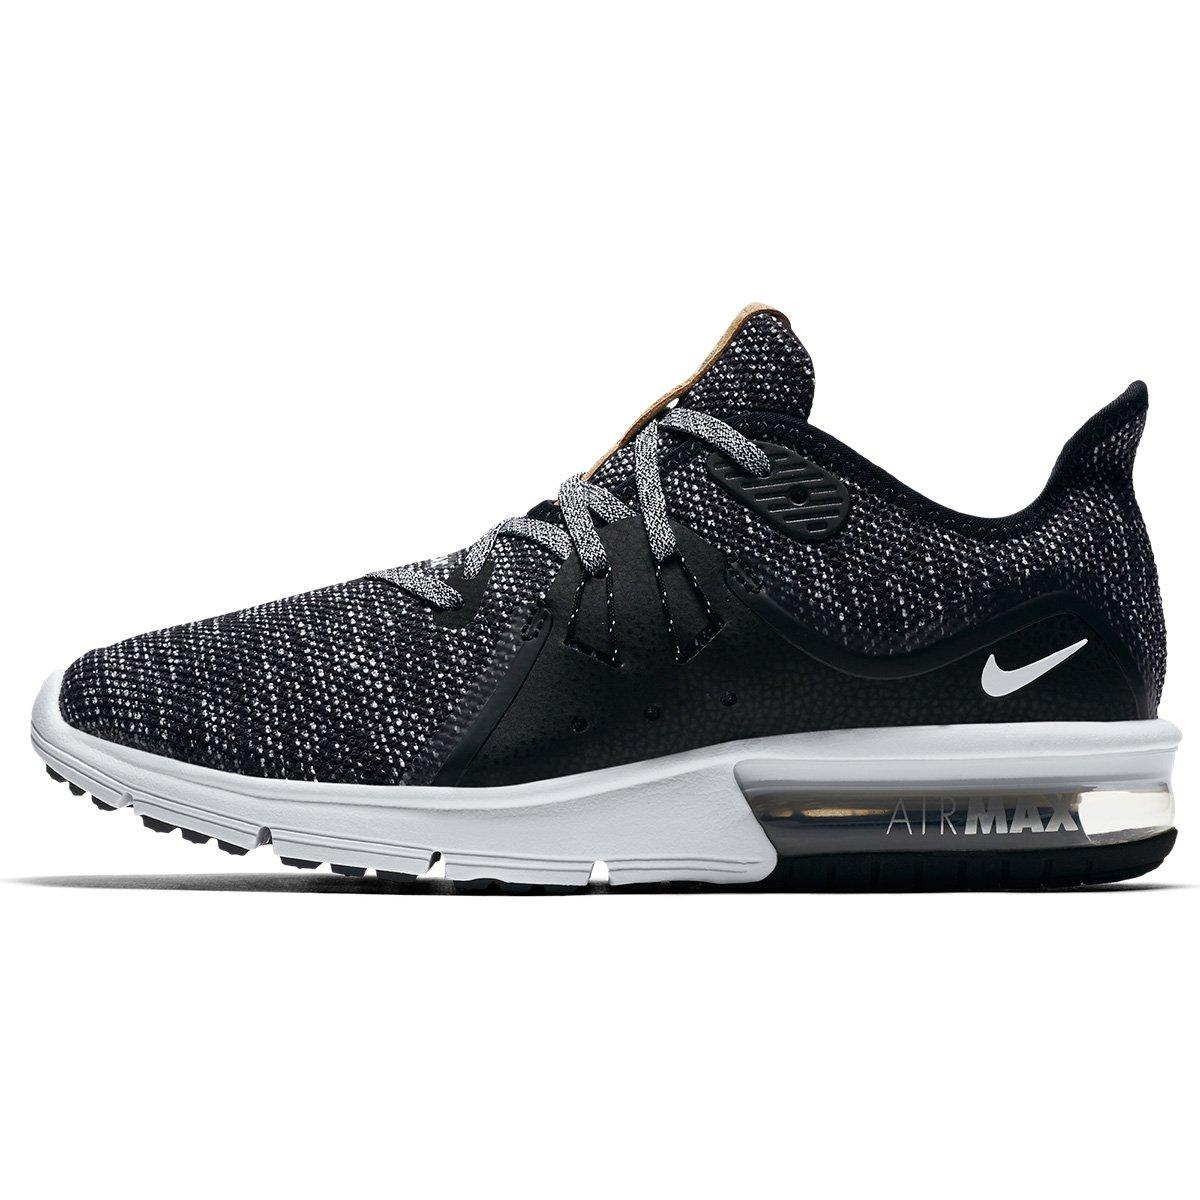 Tênis Nike Air Max Fury Sequent 3 Feminino - Preto e Branco - Compre ... 8a683c84ddd0a